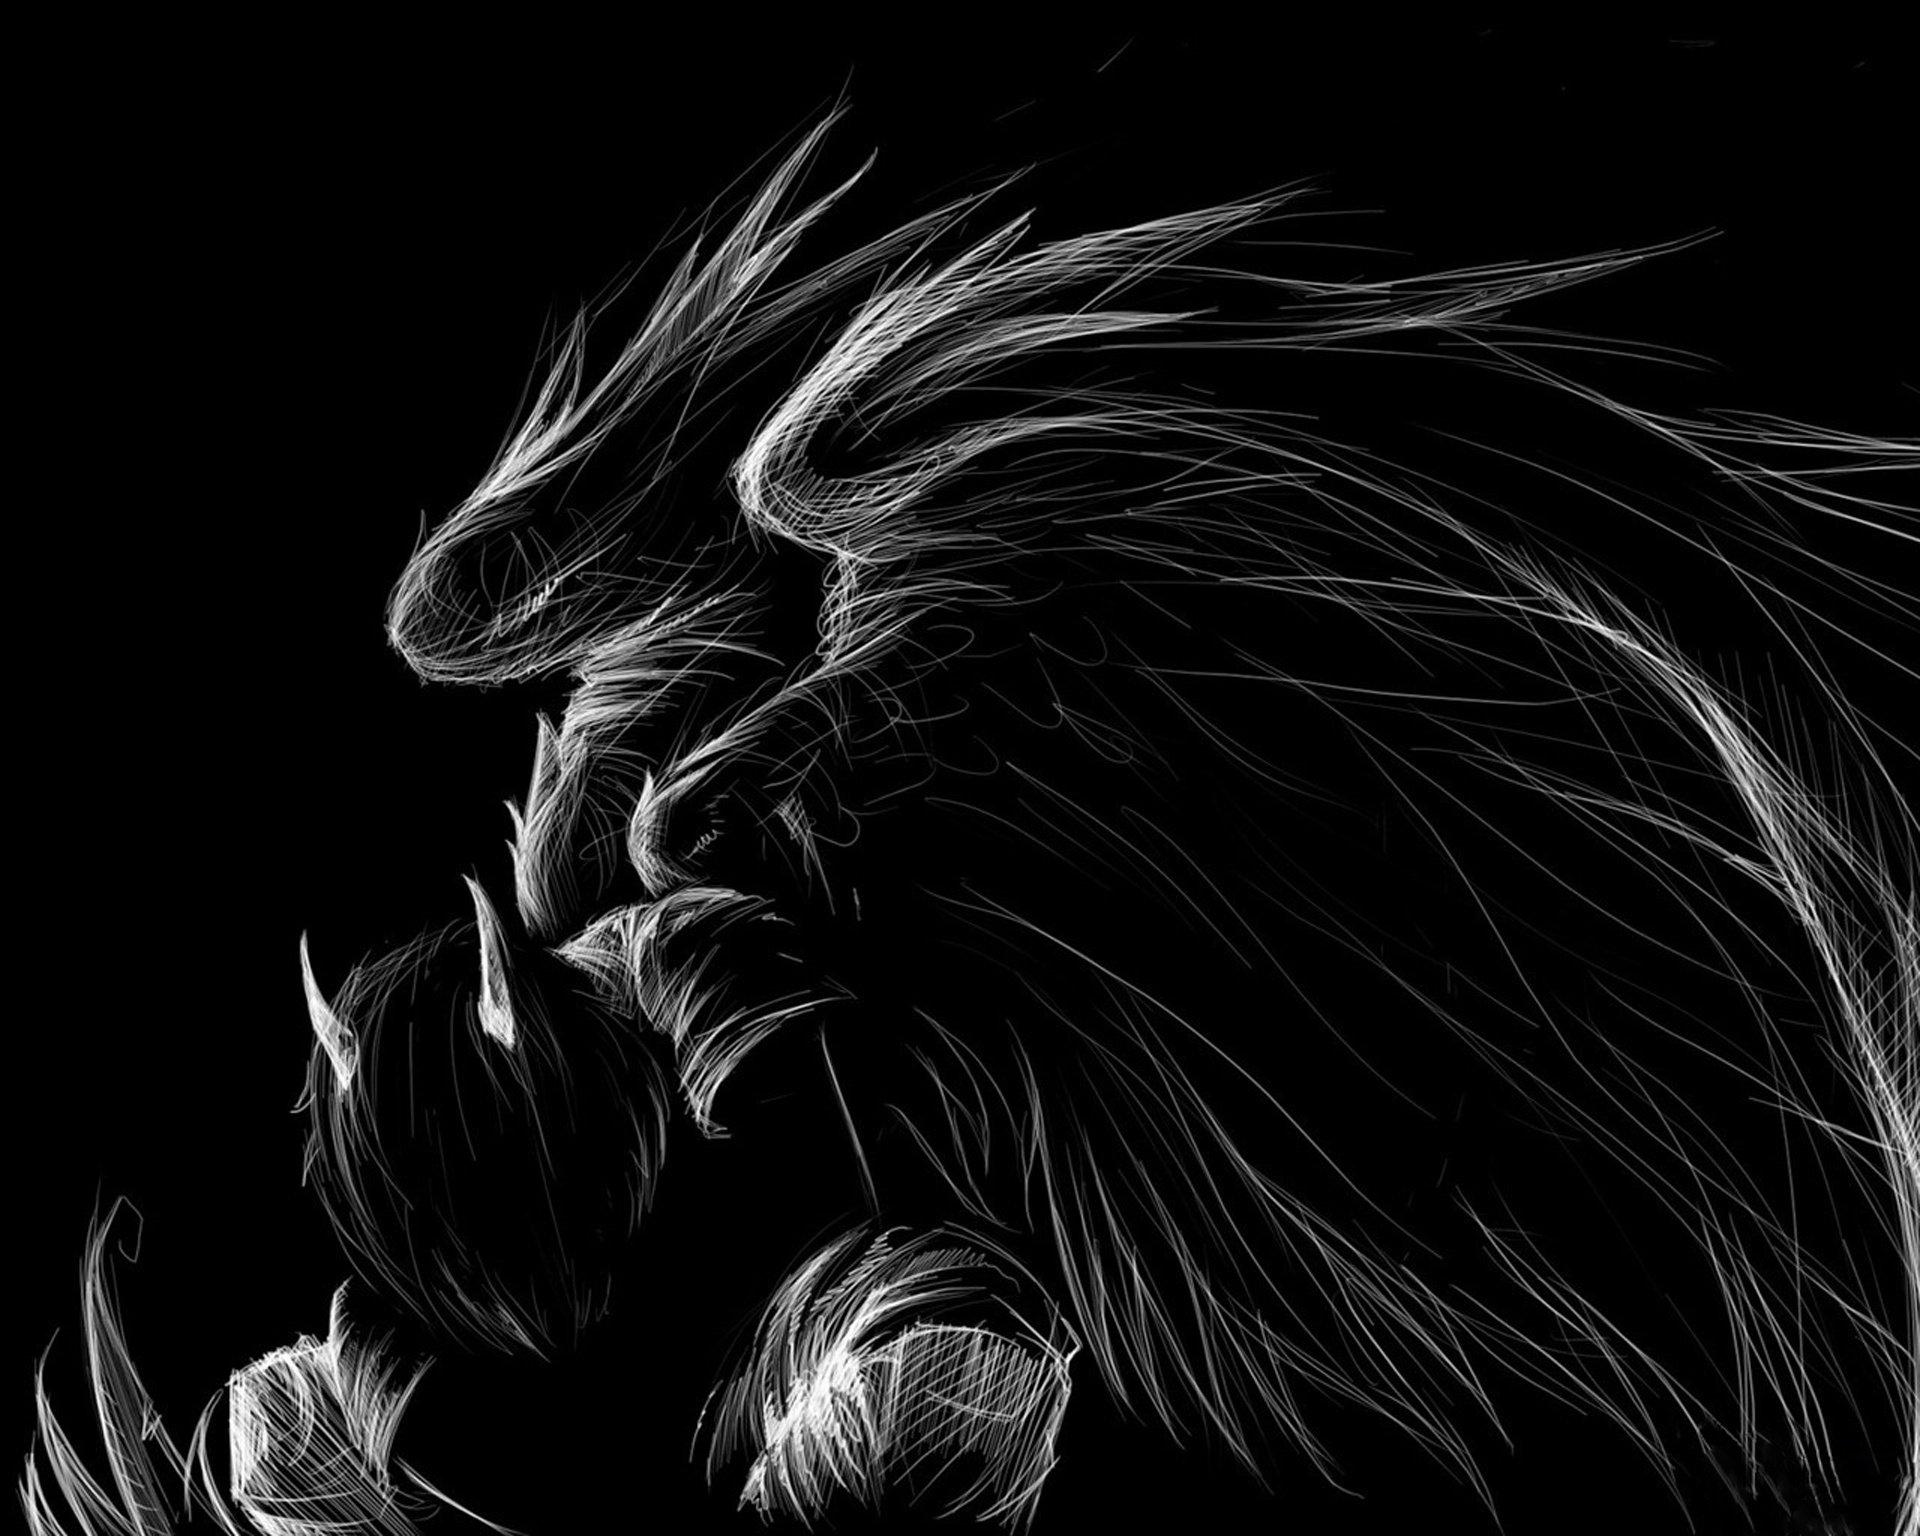 black and white wings dark angel horns wallpaper